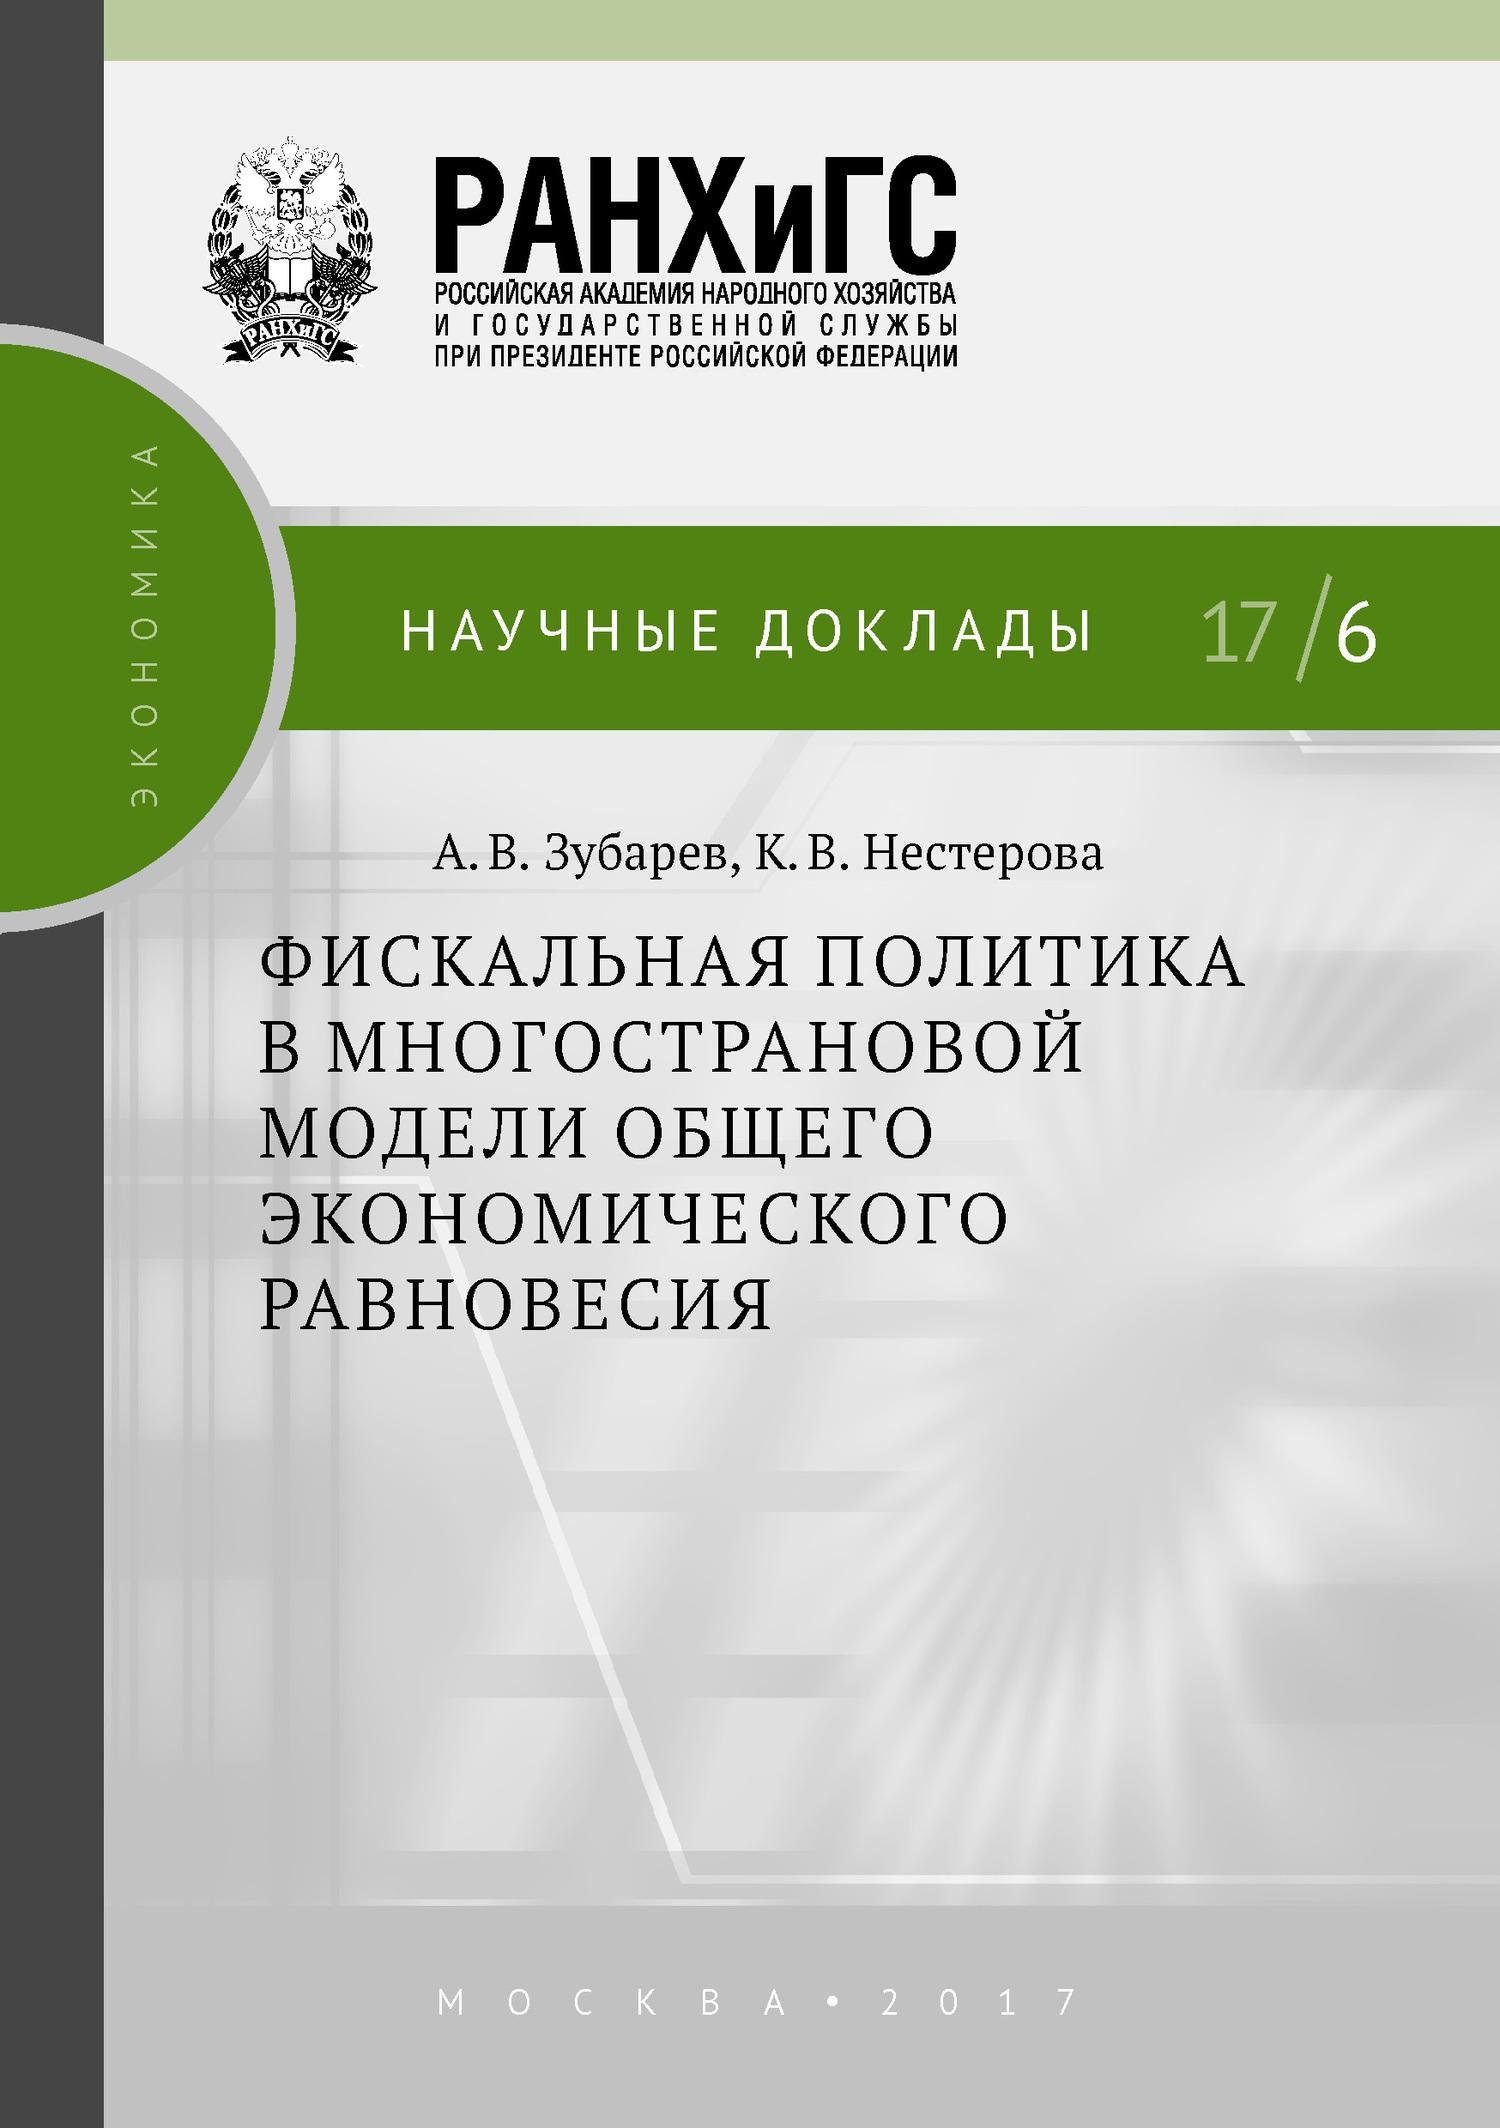 Обложка книги Фискальная политика в многострановой модели общего экономического равновесия